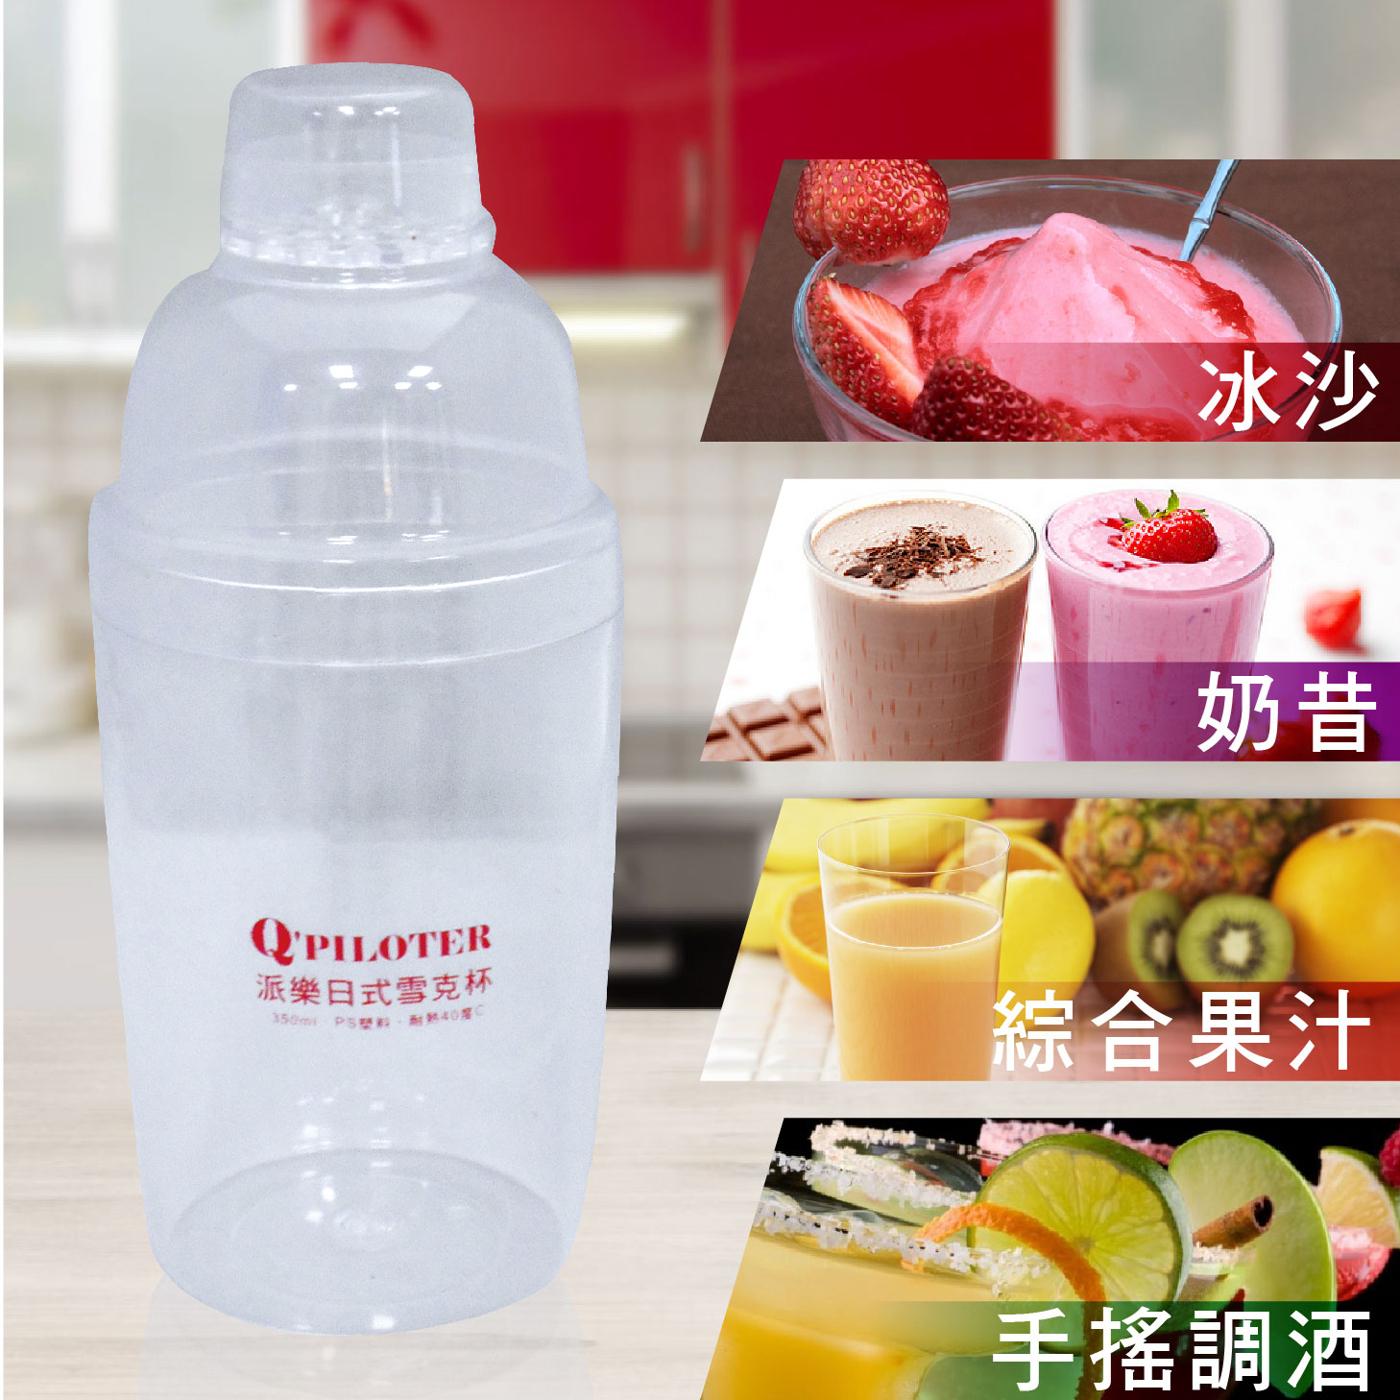 派樂日式雪克杯/手搖杯/手搖飲料必備法寶 SGS耐熱測試 透明安全衛生看的見